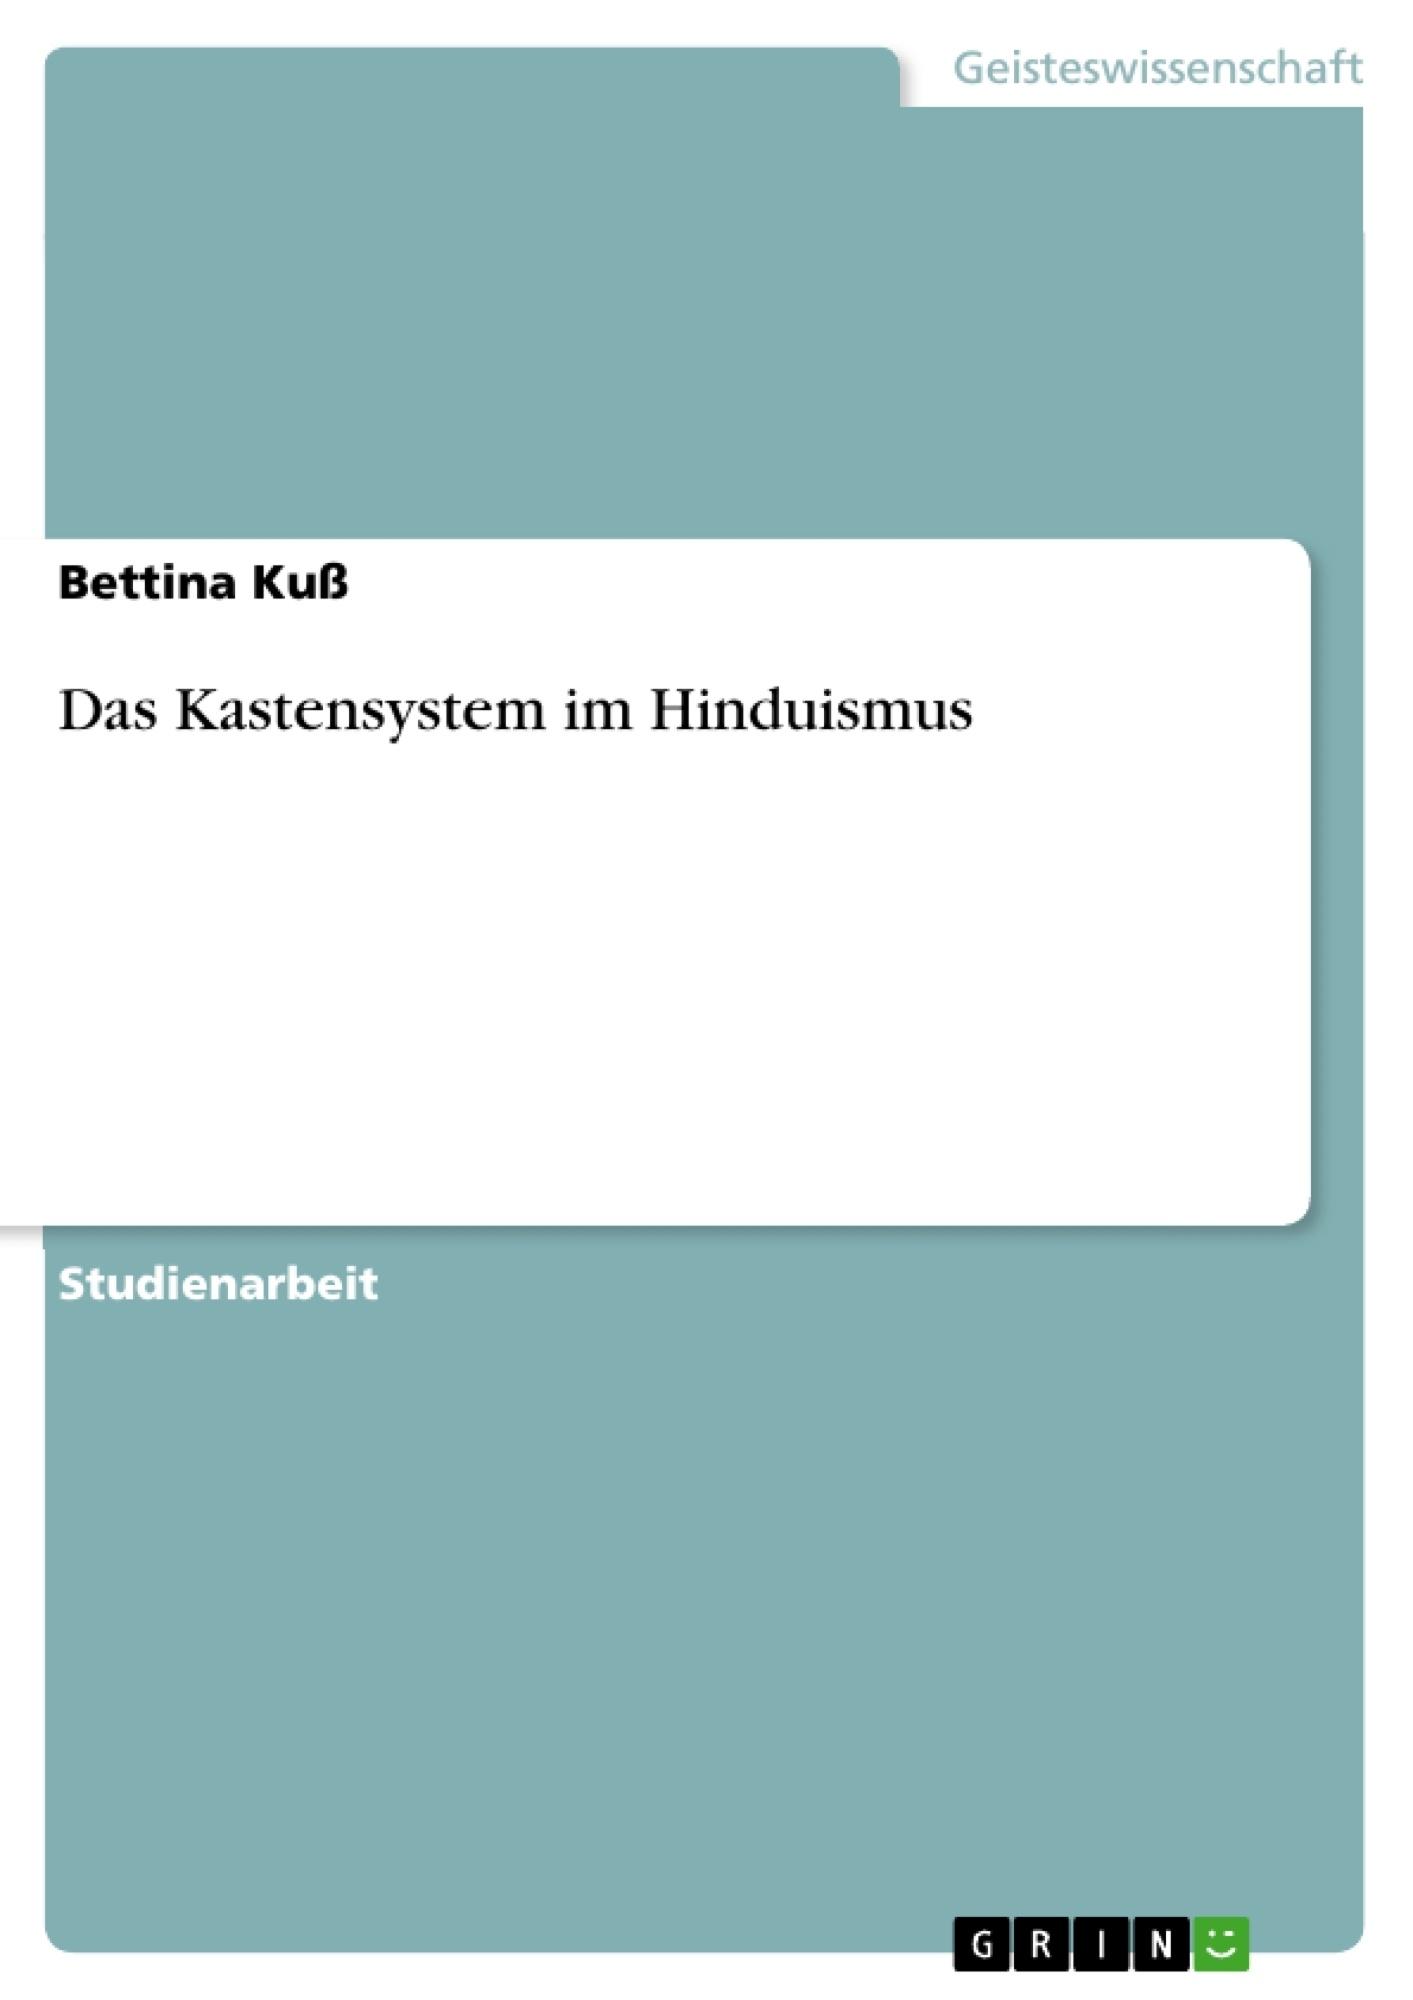 Titel: Das Kastensystem im Hinduismus